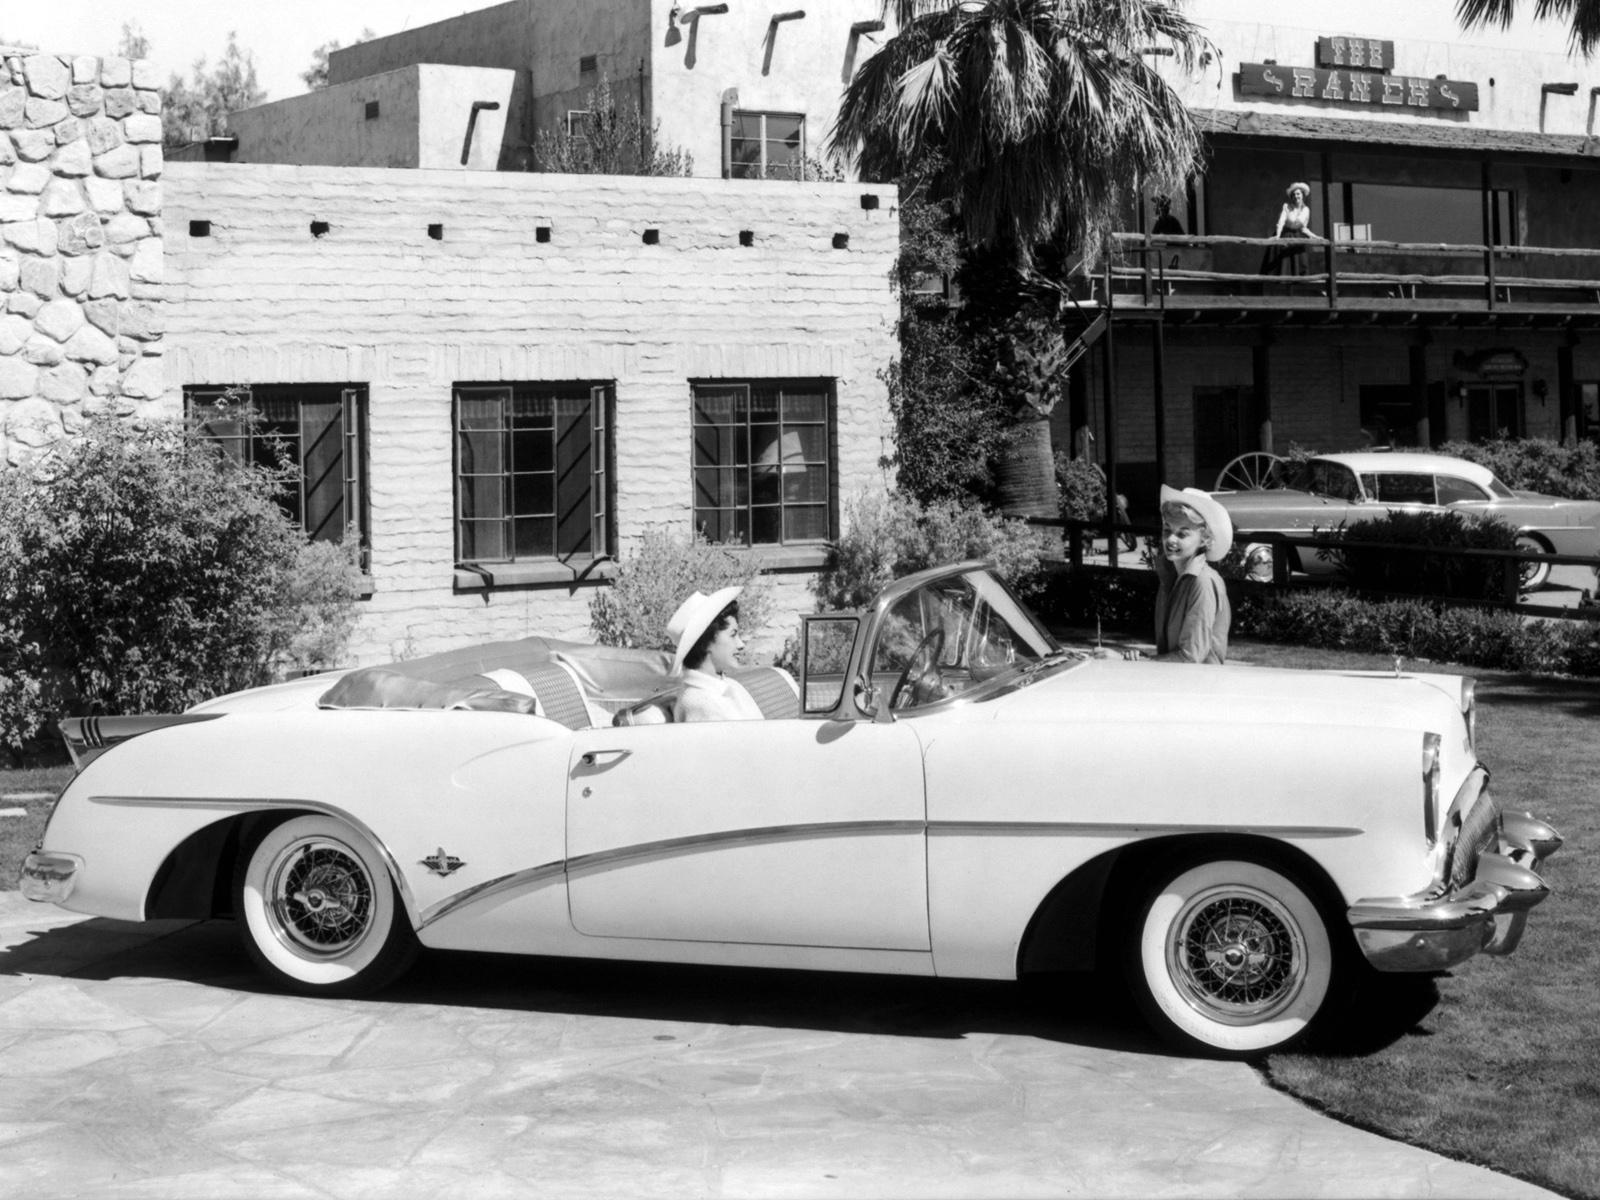 Buick Skylark, 1954